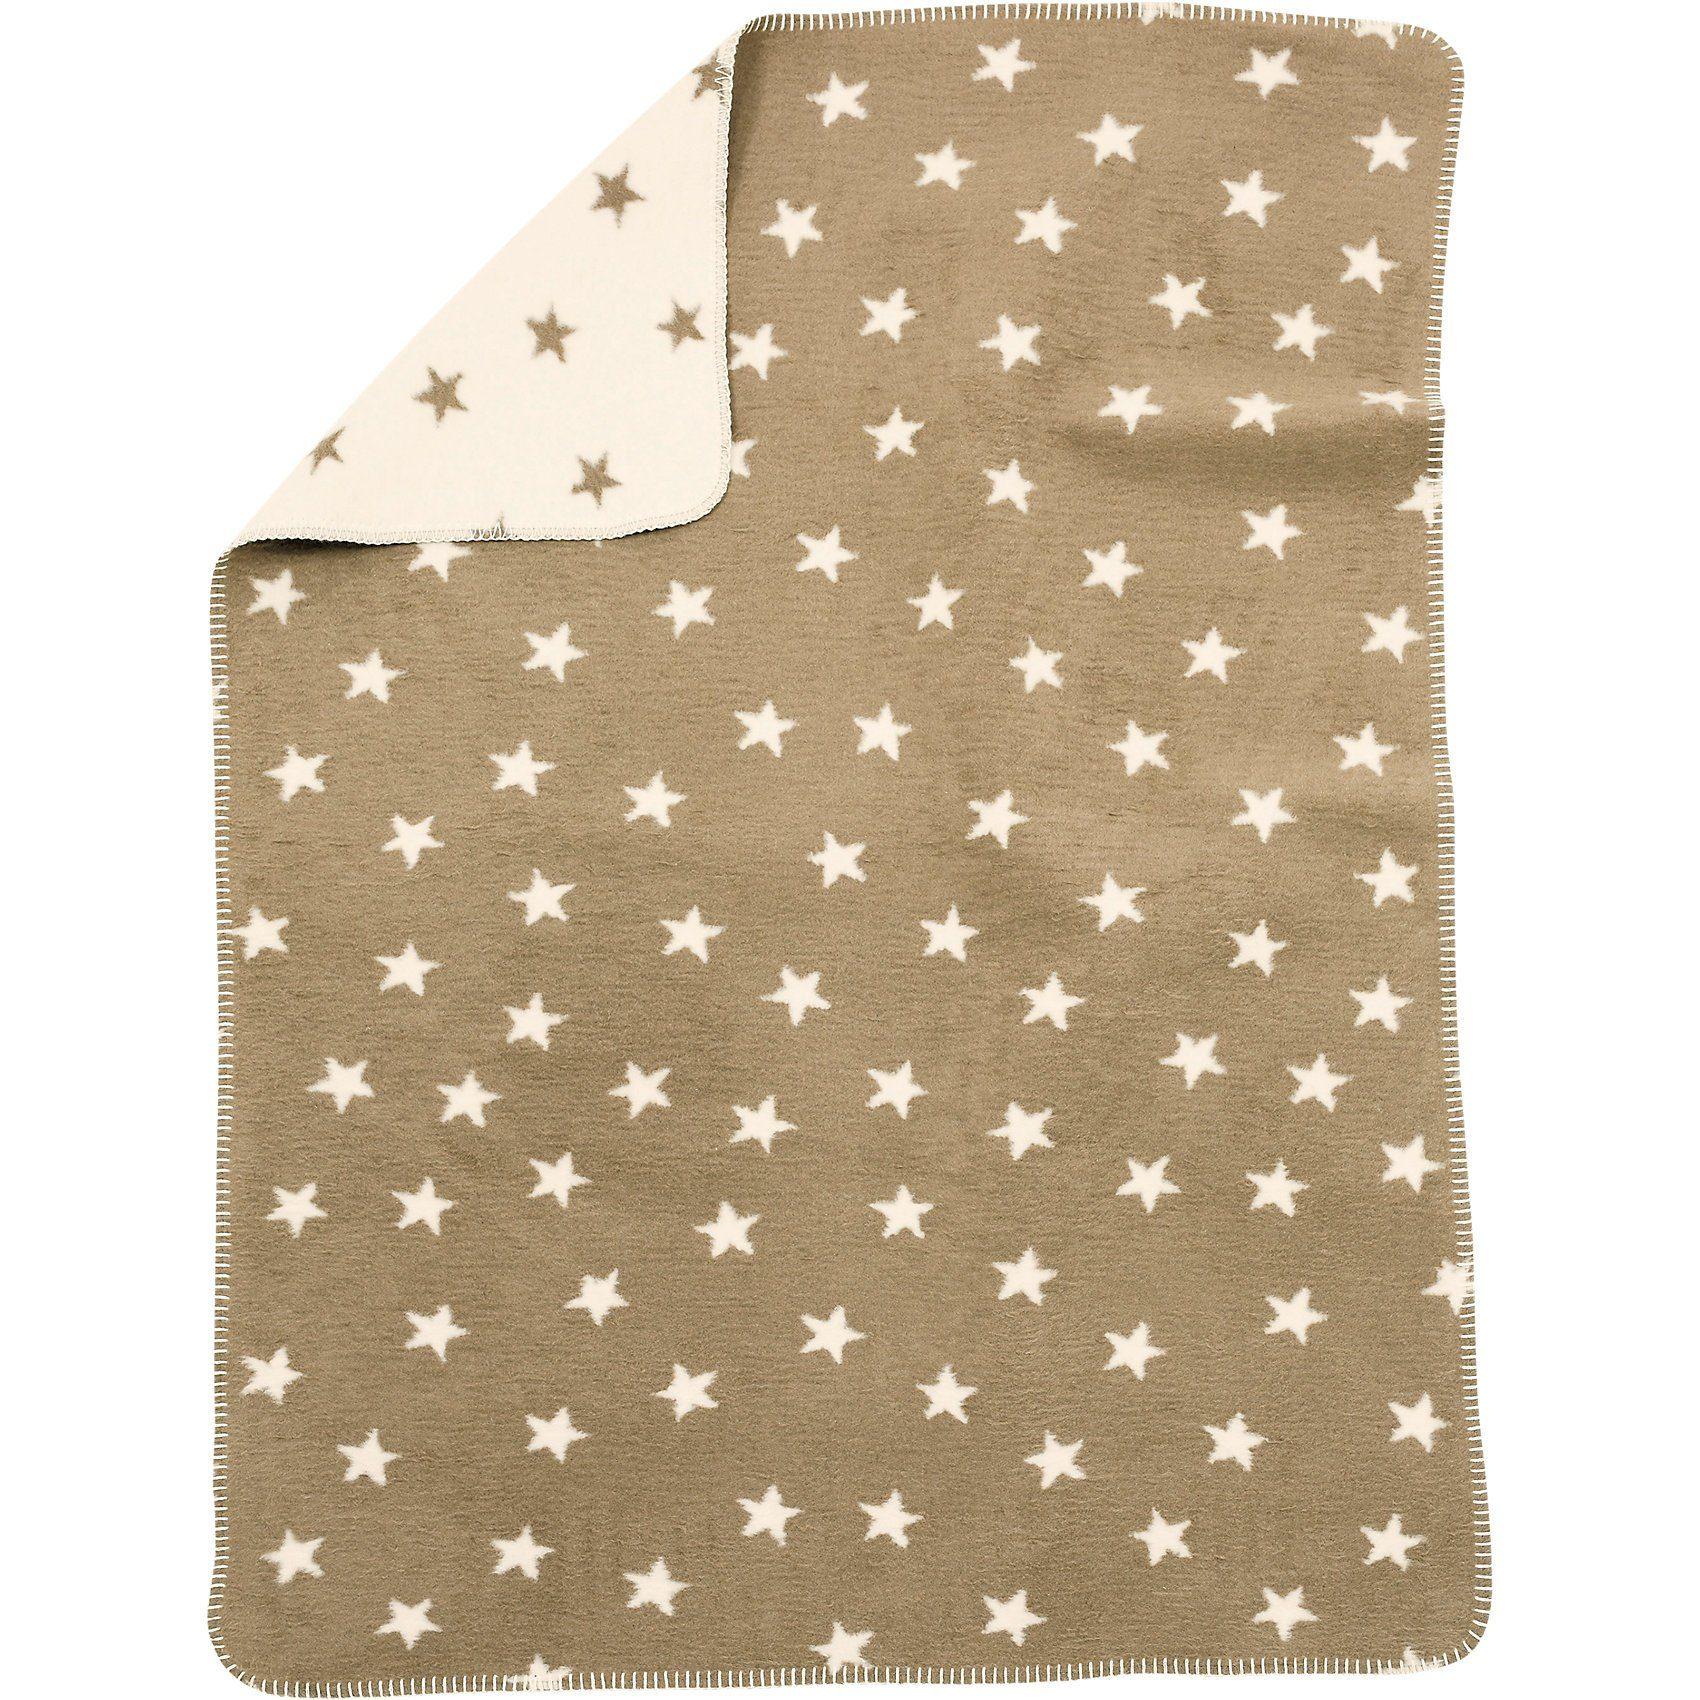 Babydecke mit UV-Schutz, Baumwolle, Sterne beige, 75 x 100 c